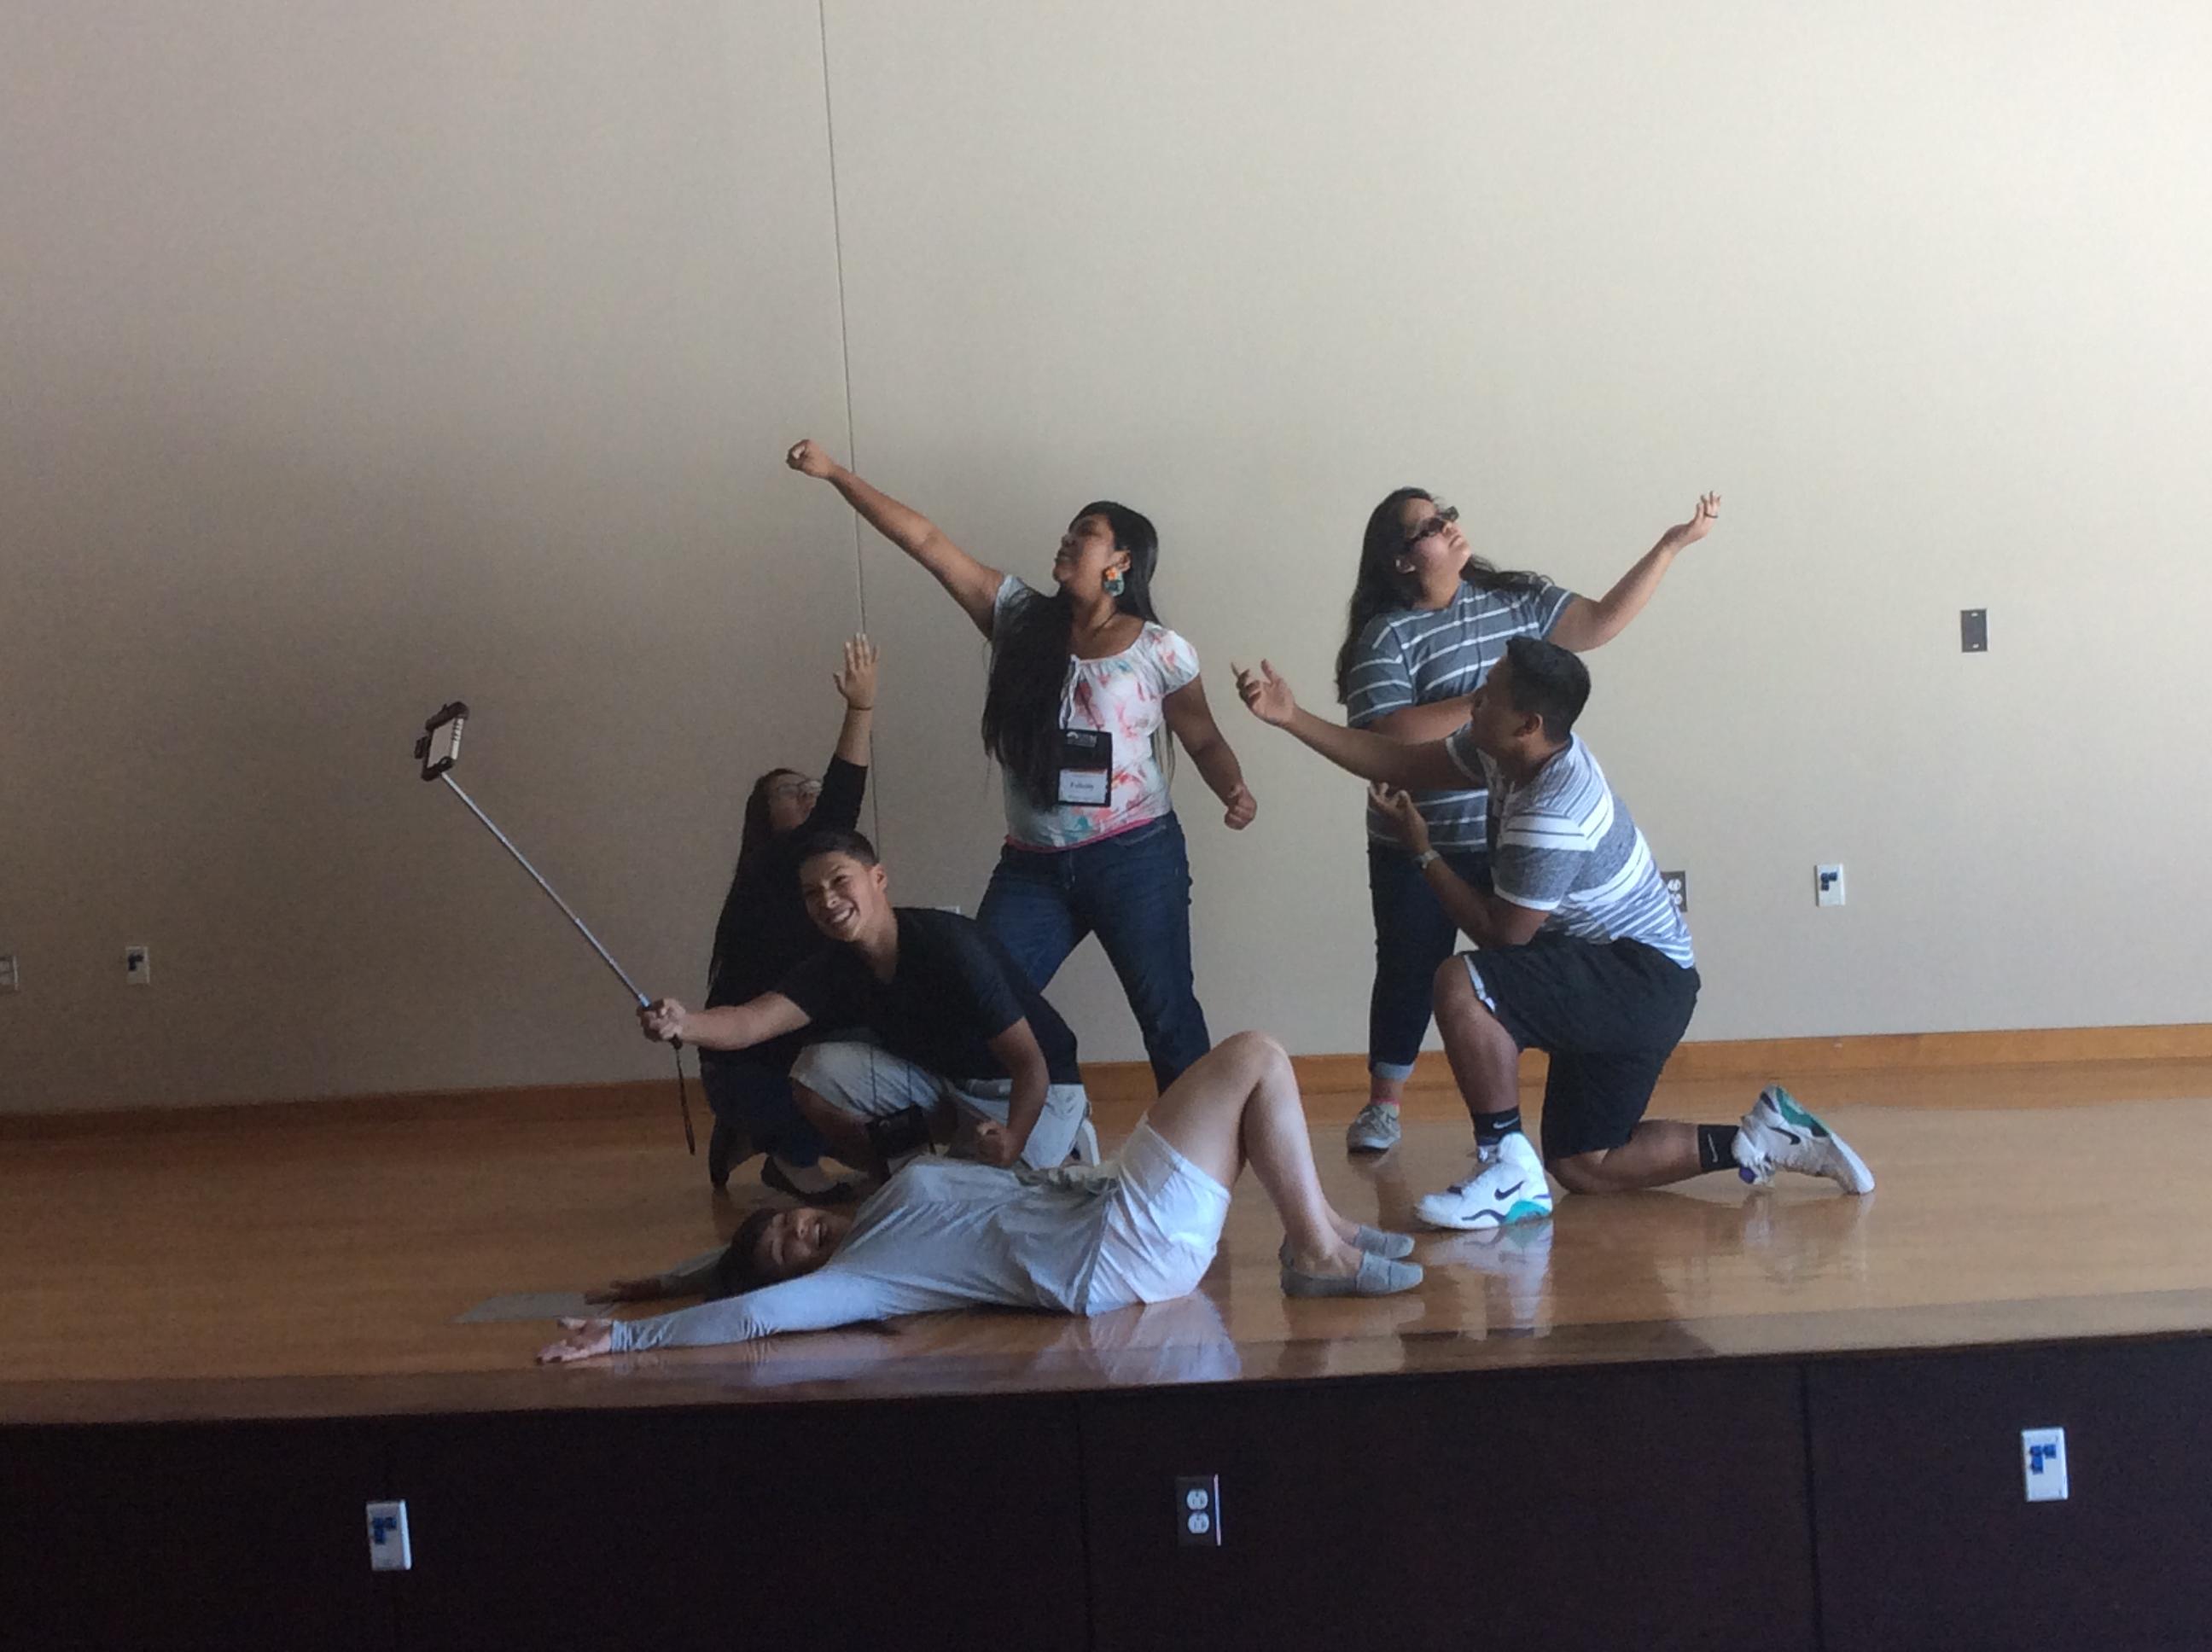 Des étudiants posant sur scène dans des poses de danse dramatique.